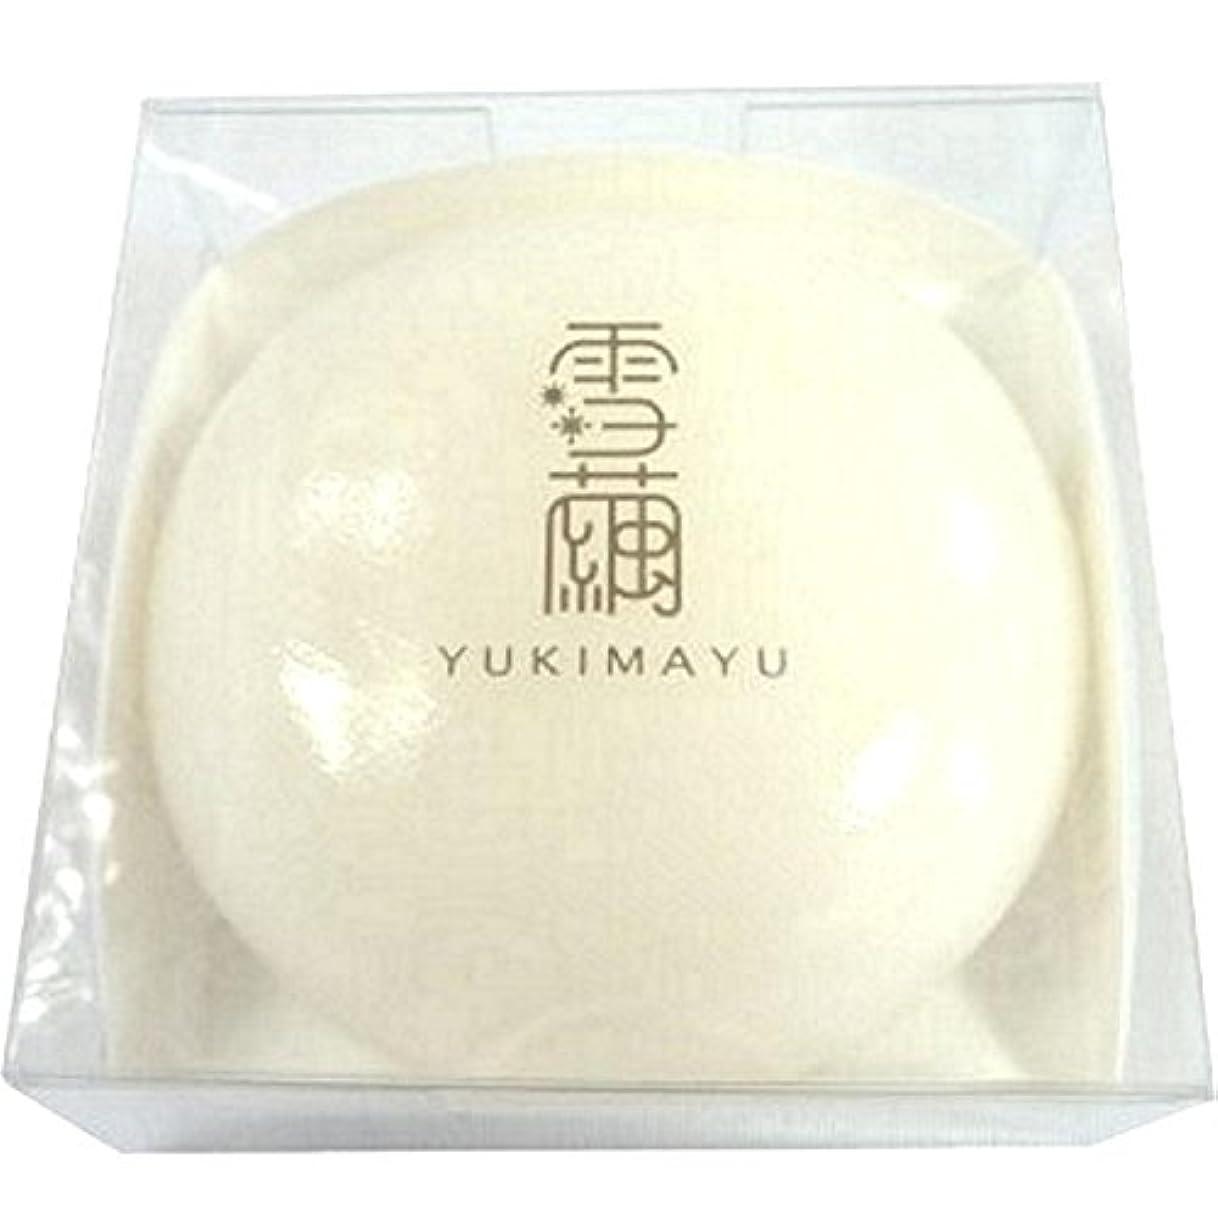 フジセイ 雪繭トリートメントソープ 80g シルク成分配合 FQY-18